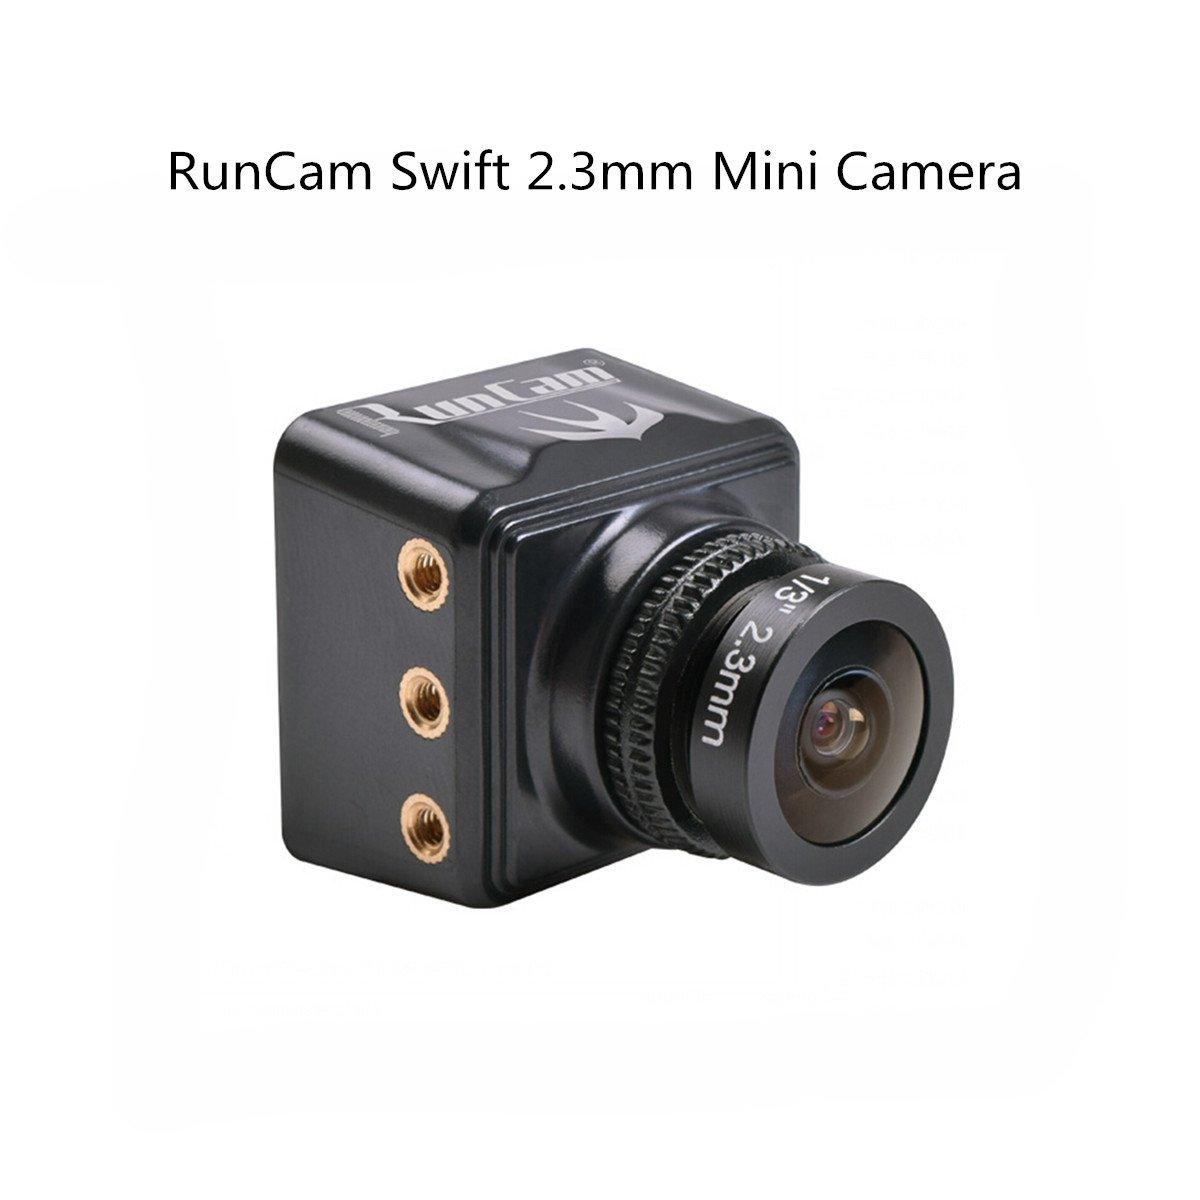 Crazepony RunCam Swift 600TVL Mini Camera 2.3mm Lens 150 Degree DC 5-36V DWDR Racing Quadcopter Black